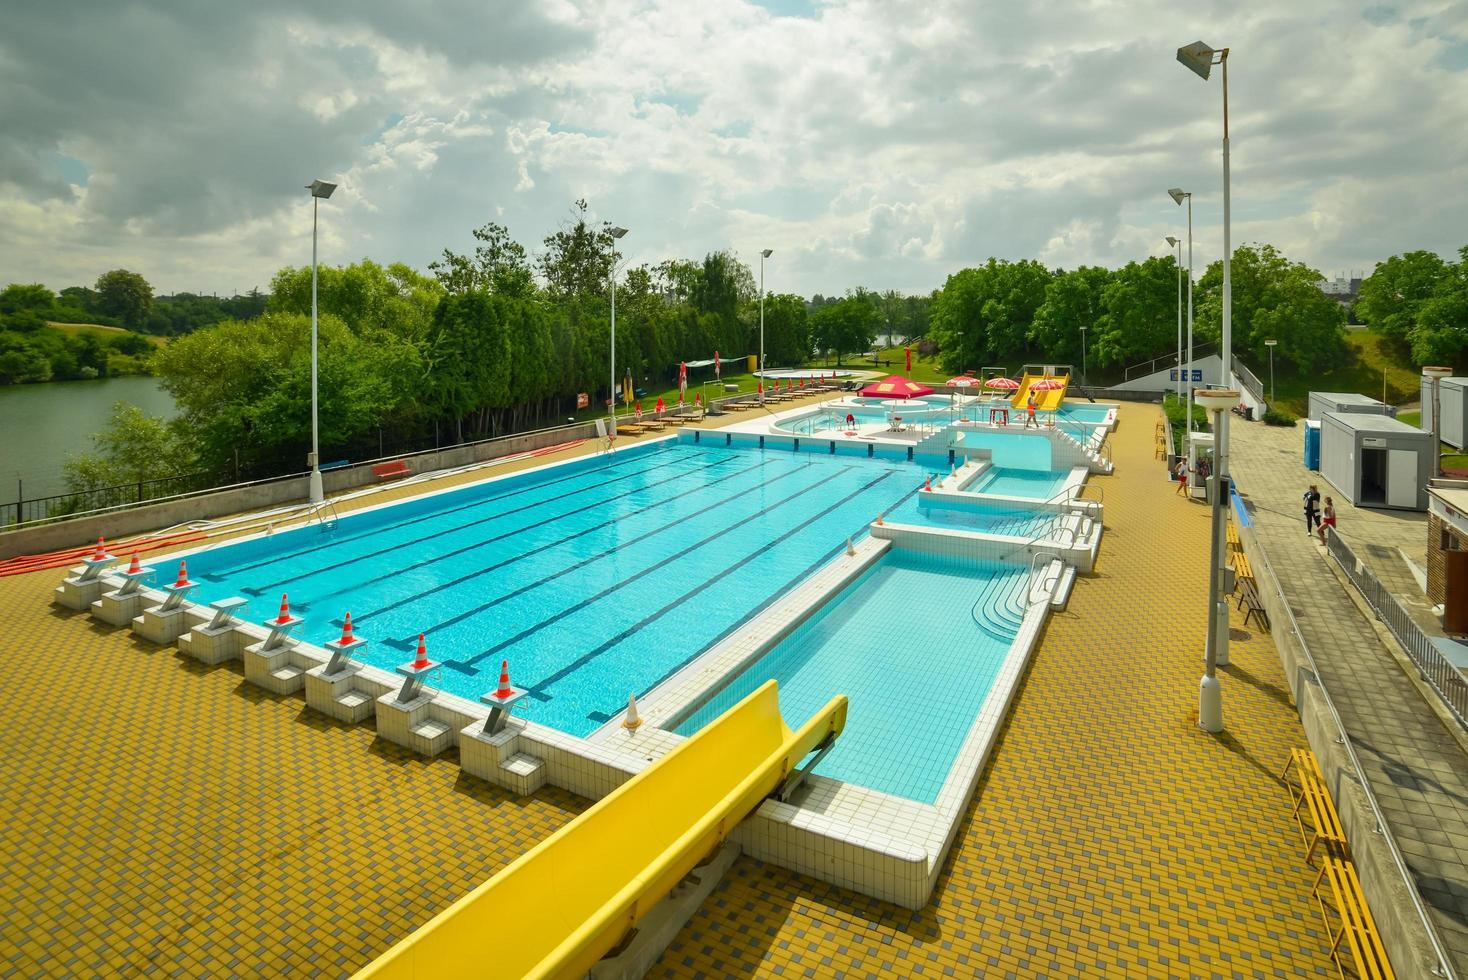 une grande piscine publique bleue dans la nature photo